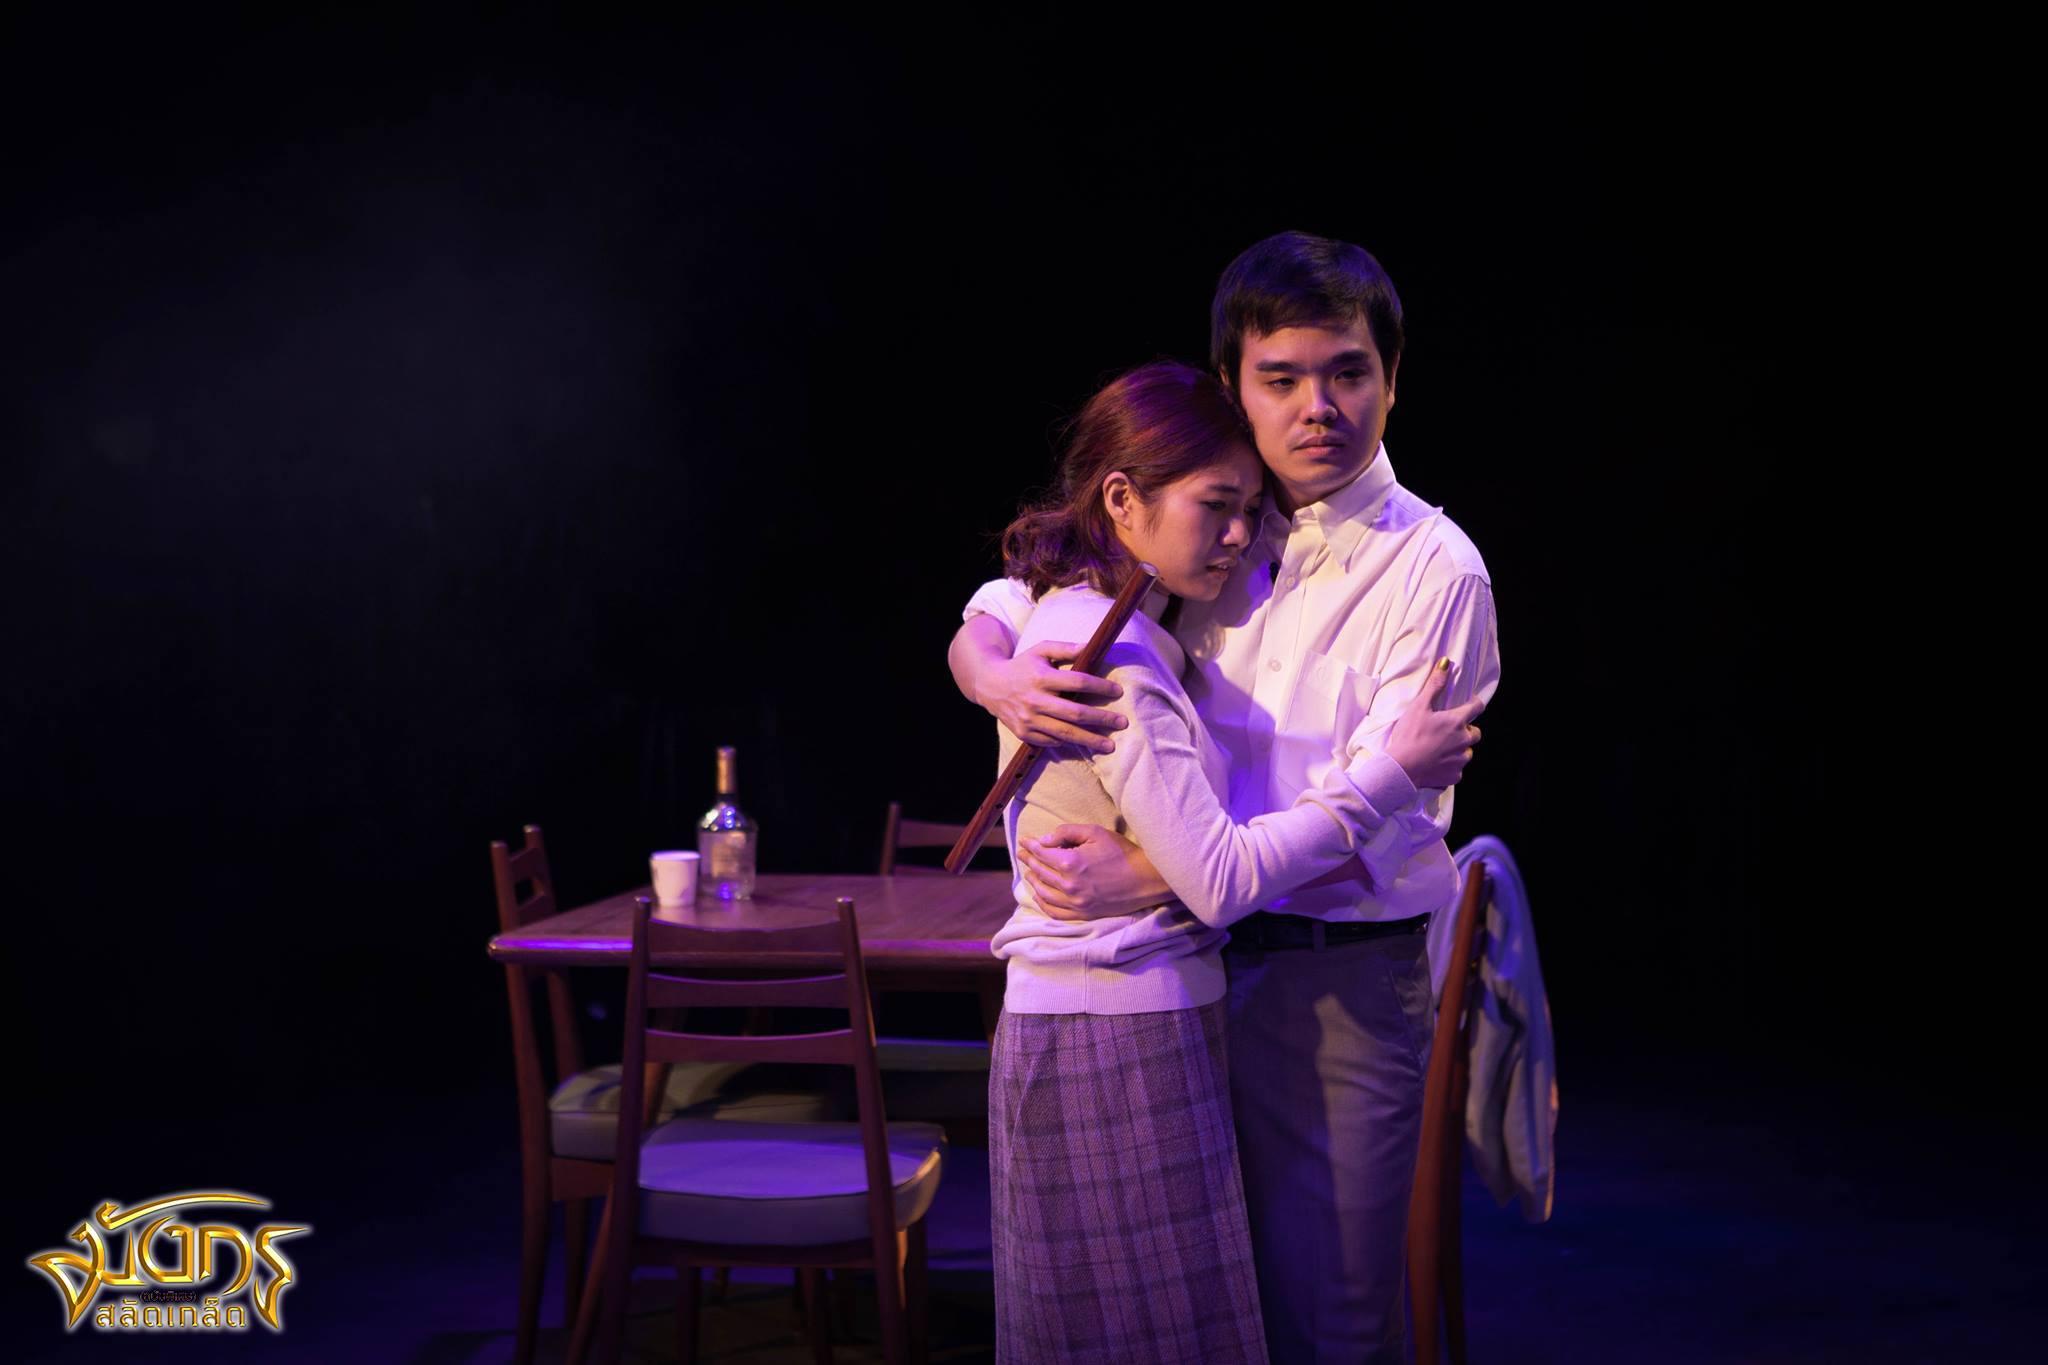 ภาพจากเฟซบุ๊ก Anatta Theatre Troupe (http://www.facebook.com/anattatheatre)